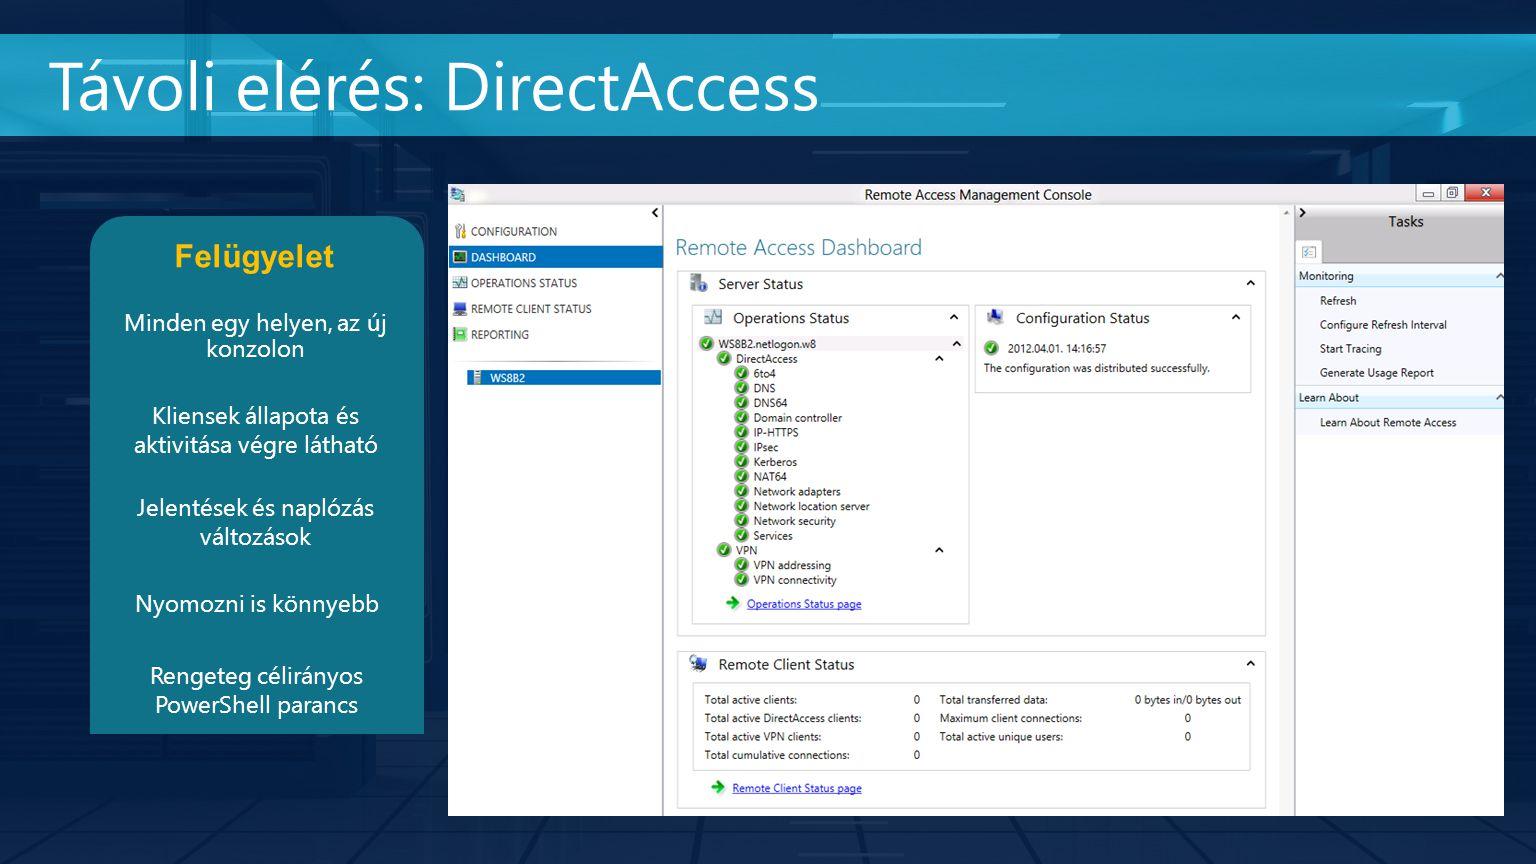 Távoli elérés: DirectAccess Jelentések és naplózás változások Felügyelet Minden egy helyen, az új konzolon Kliensek állapota és aktivitása végre látha